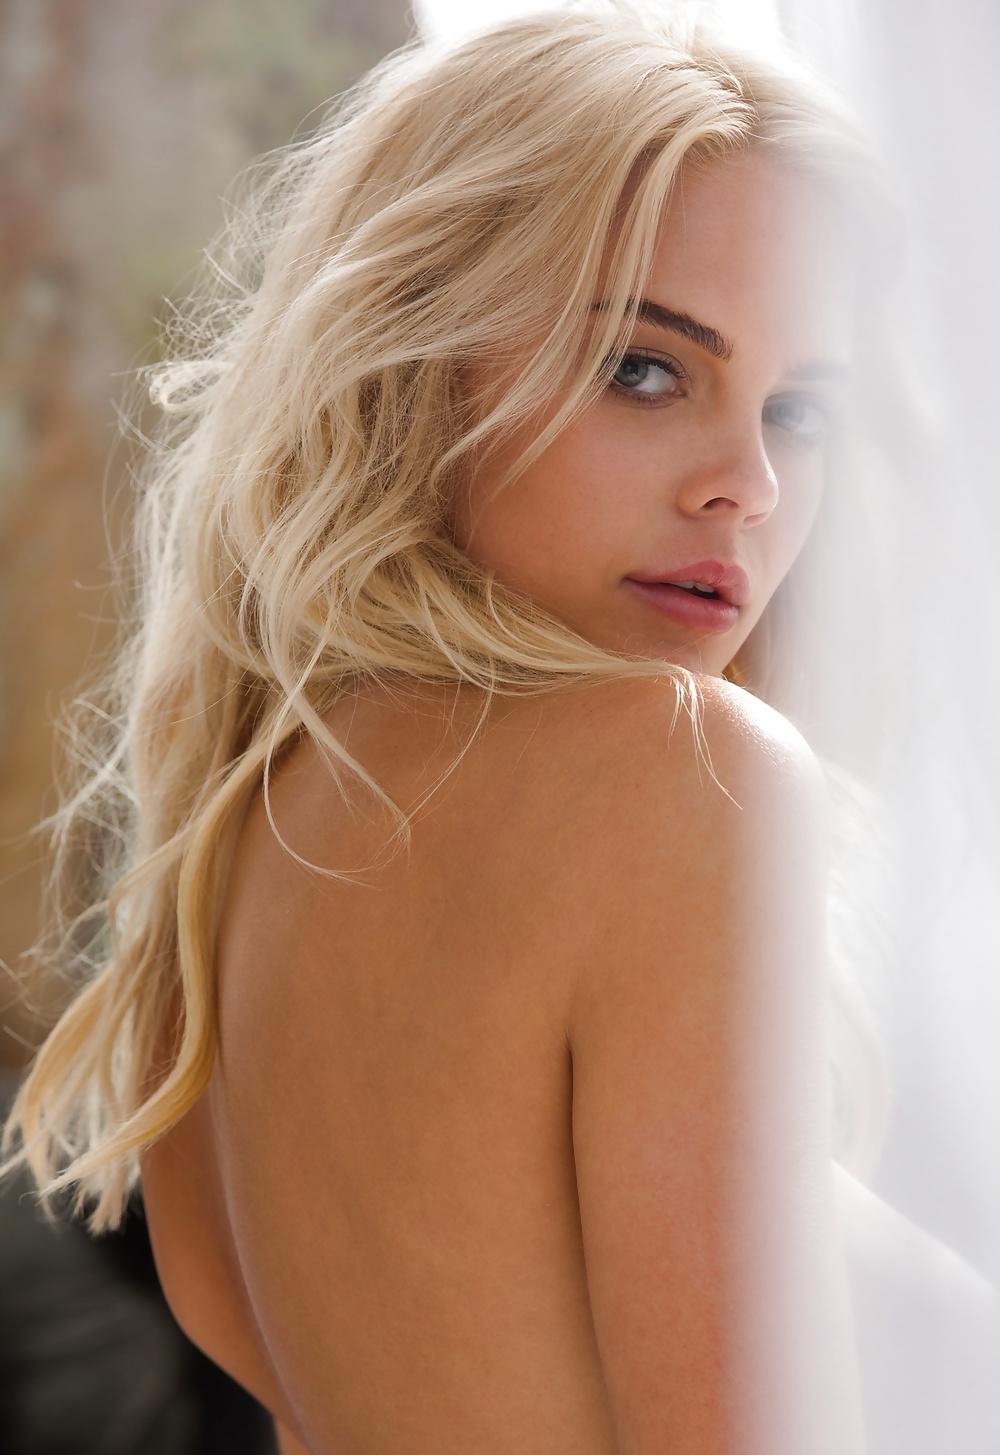 Kostenlose Acktfotos von wunderschöne Blondienen